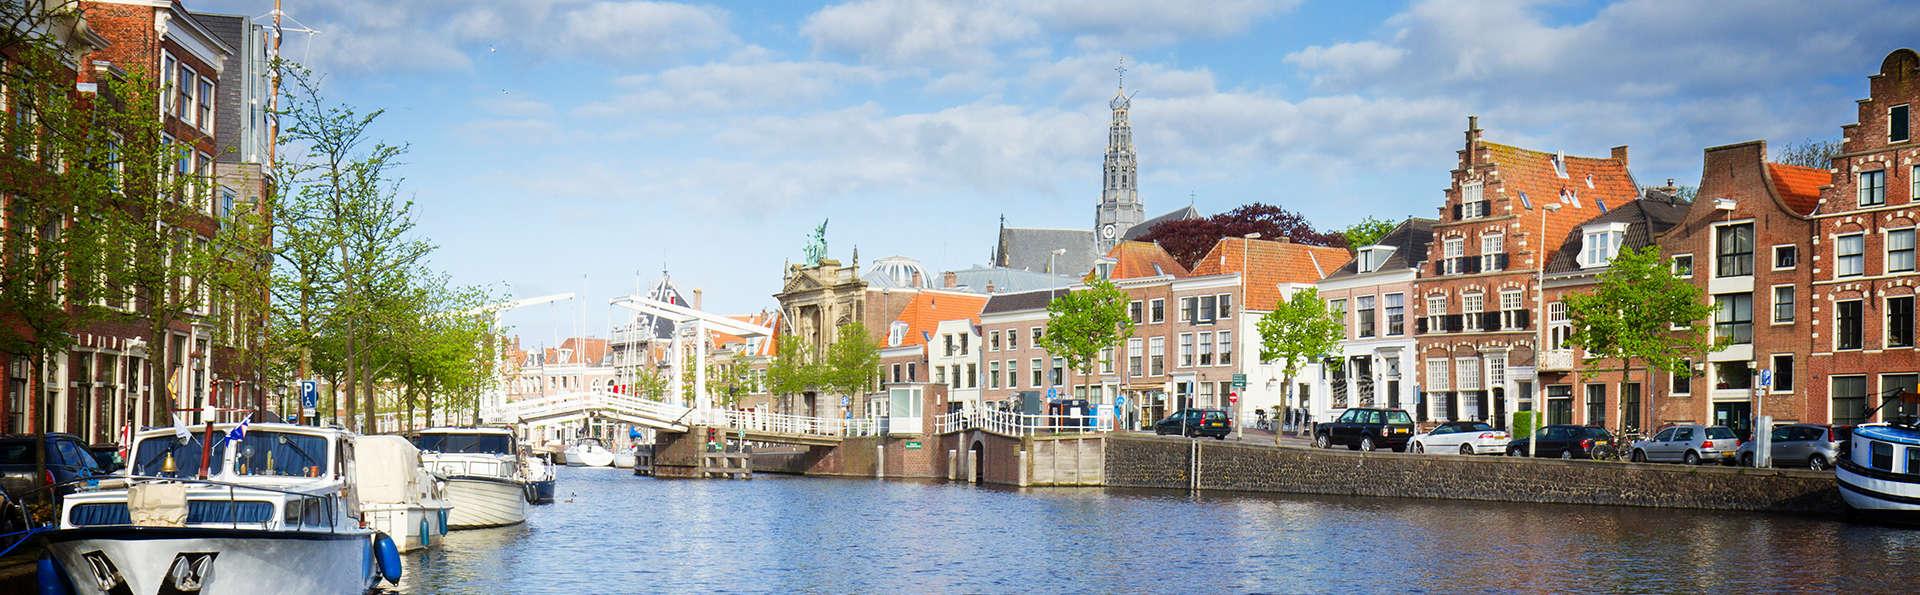 Découvrez les lieux uniques d'Haarlem lors de ce fantastique city-trip